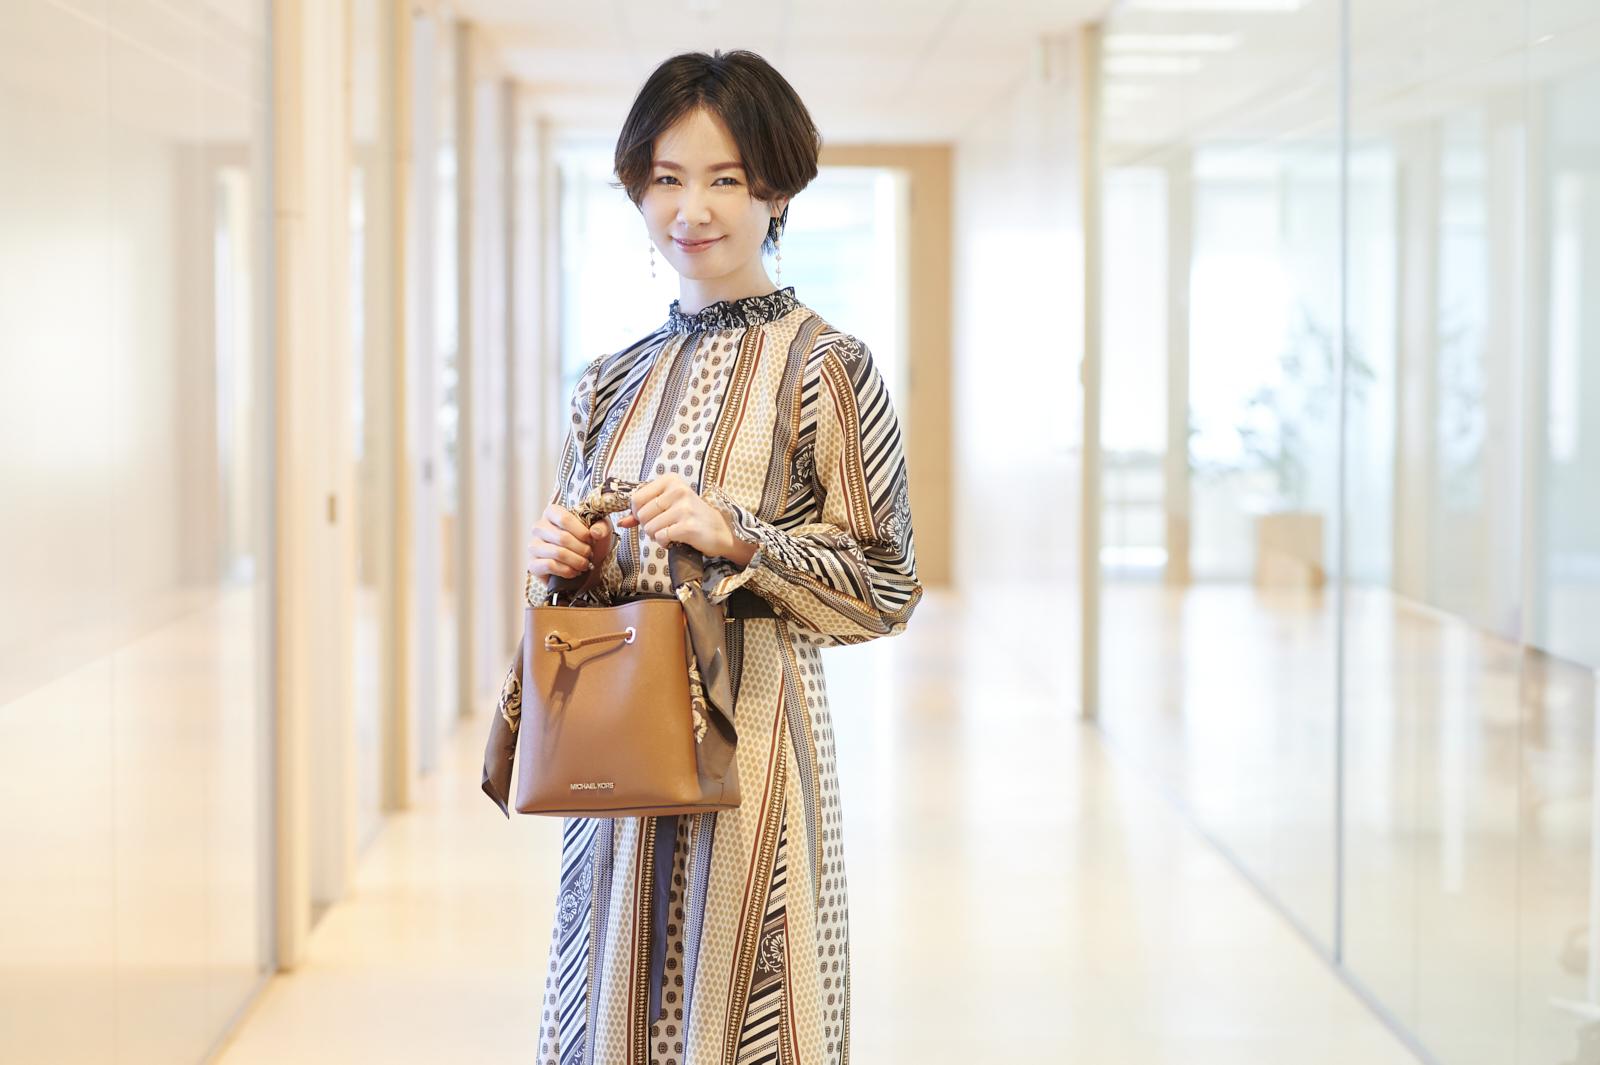 おしゃれなバッグに意外なキャラもの⁉ 美容専門PRコンサルタントの愛用品